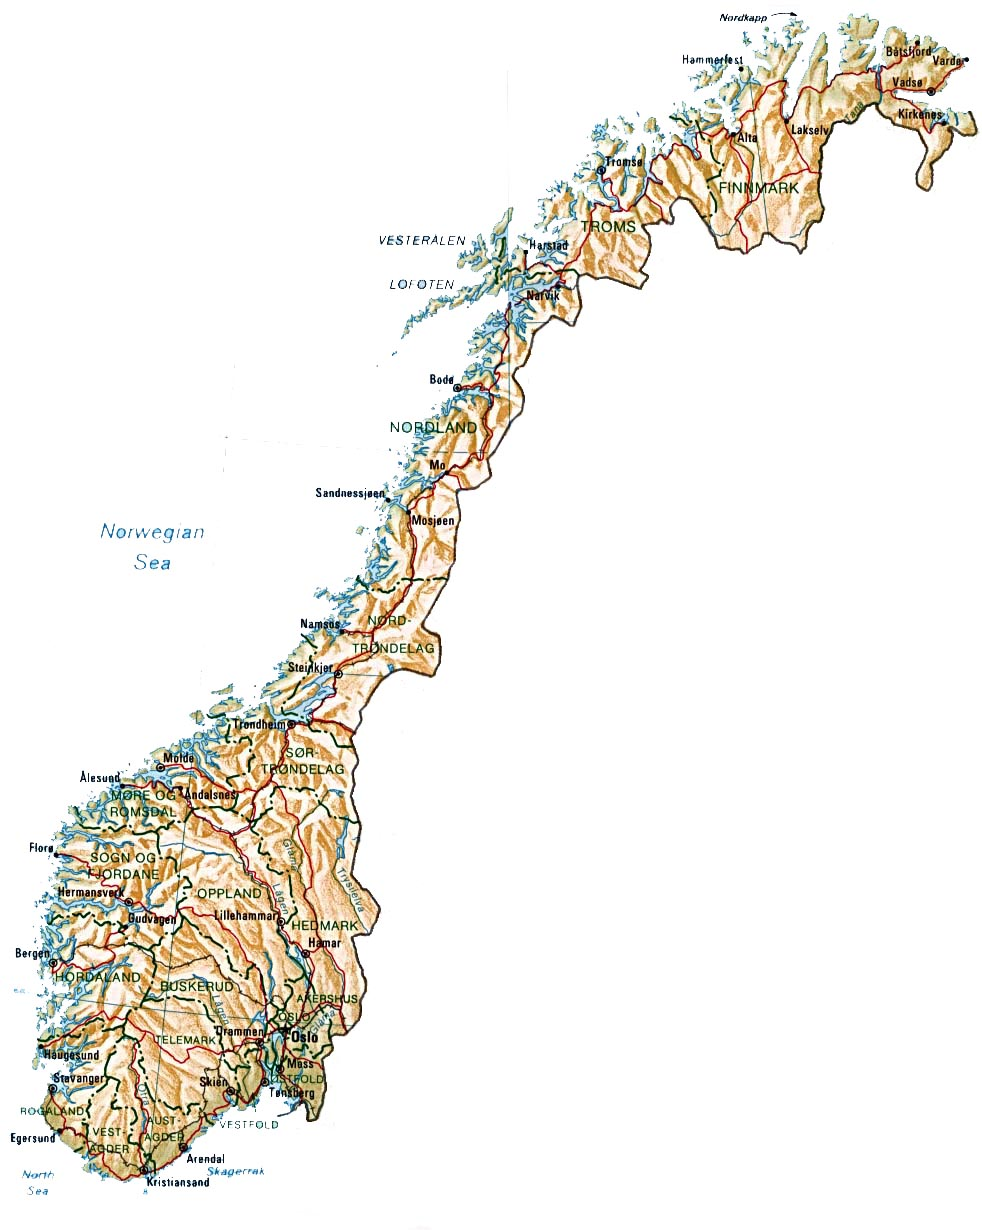 kart over norge februar 2012 | Kart over Norge By Regional Provinsen kart over norge